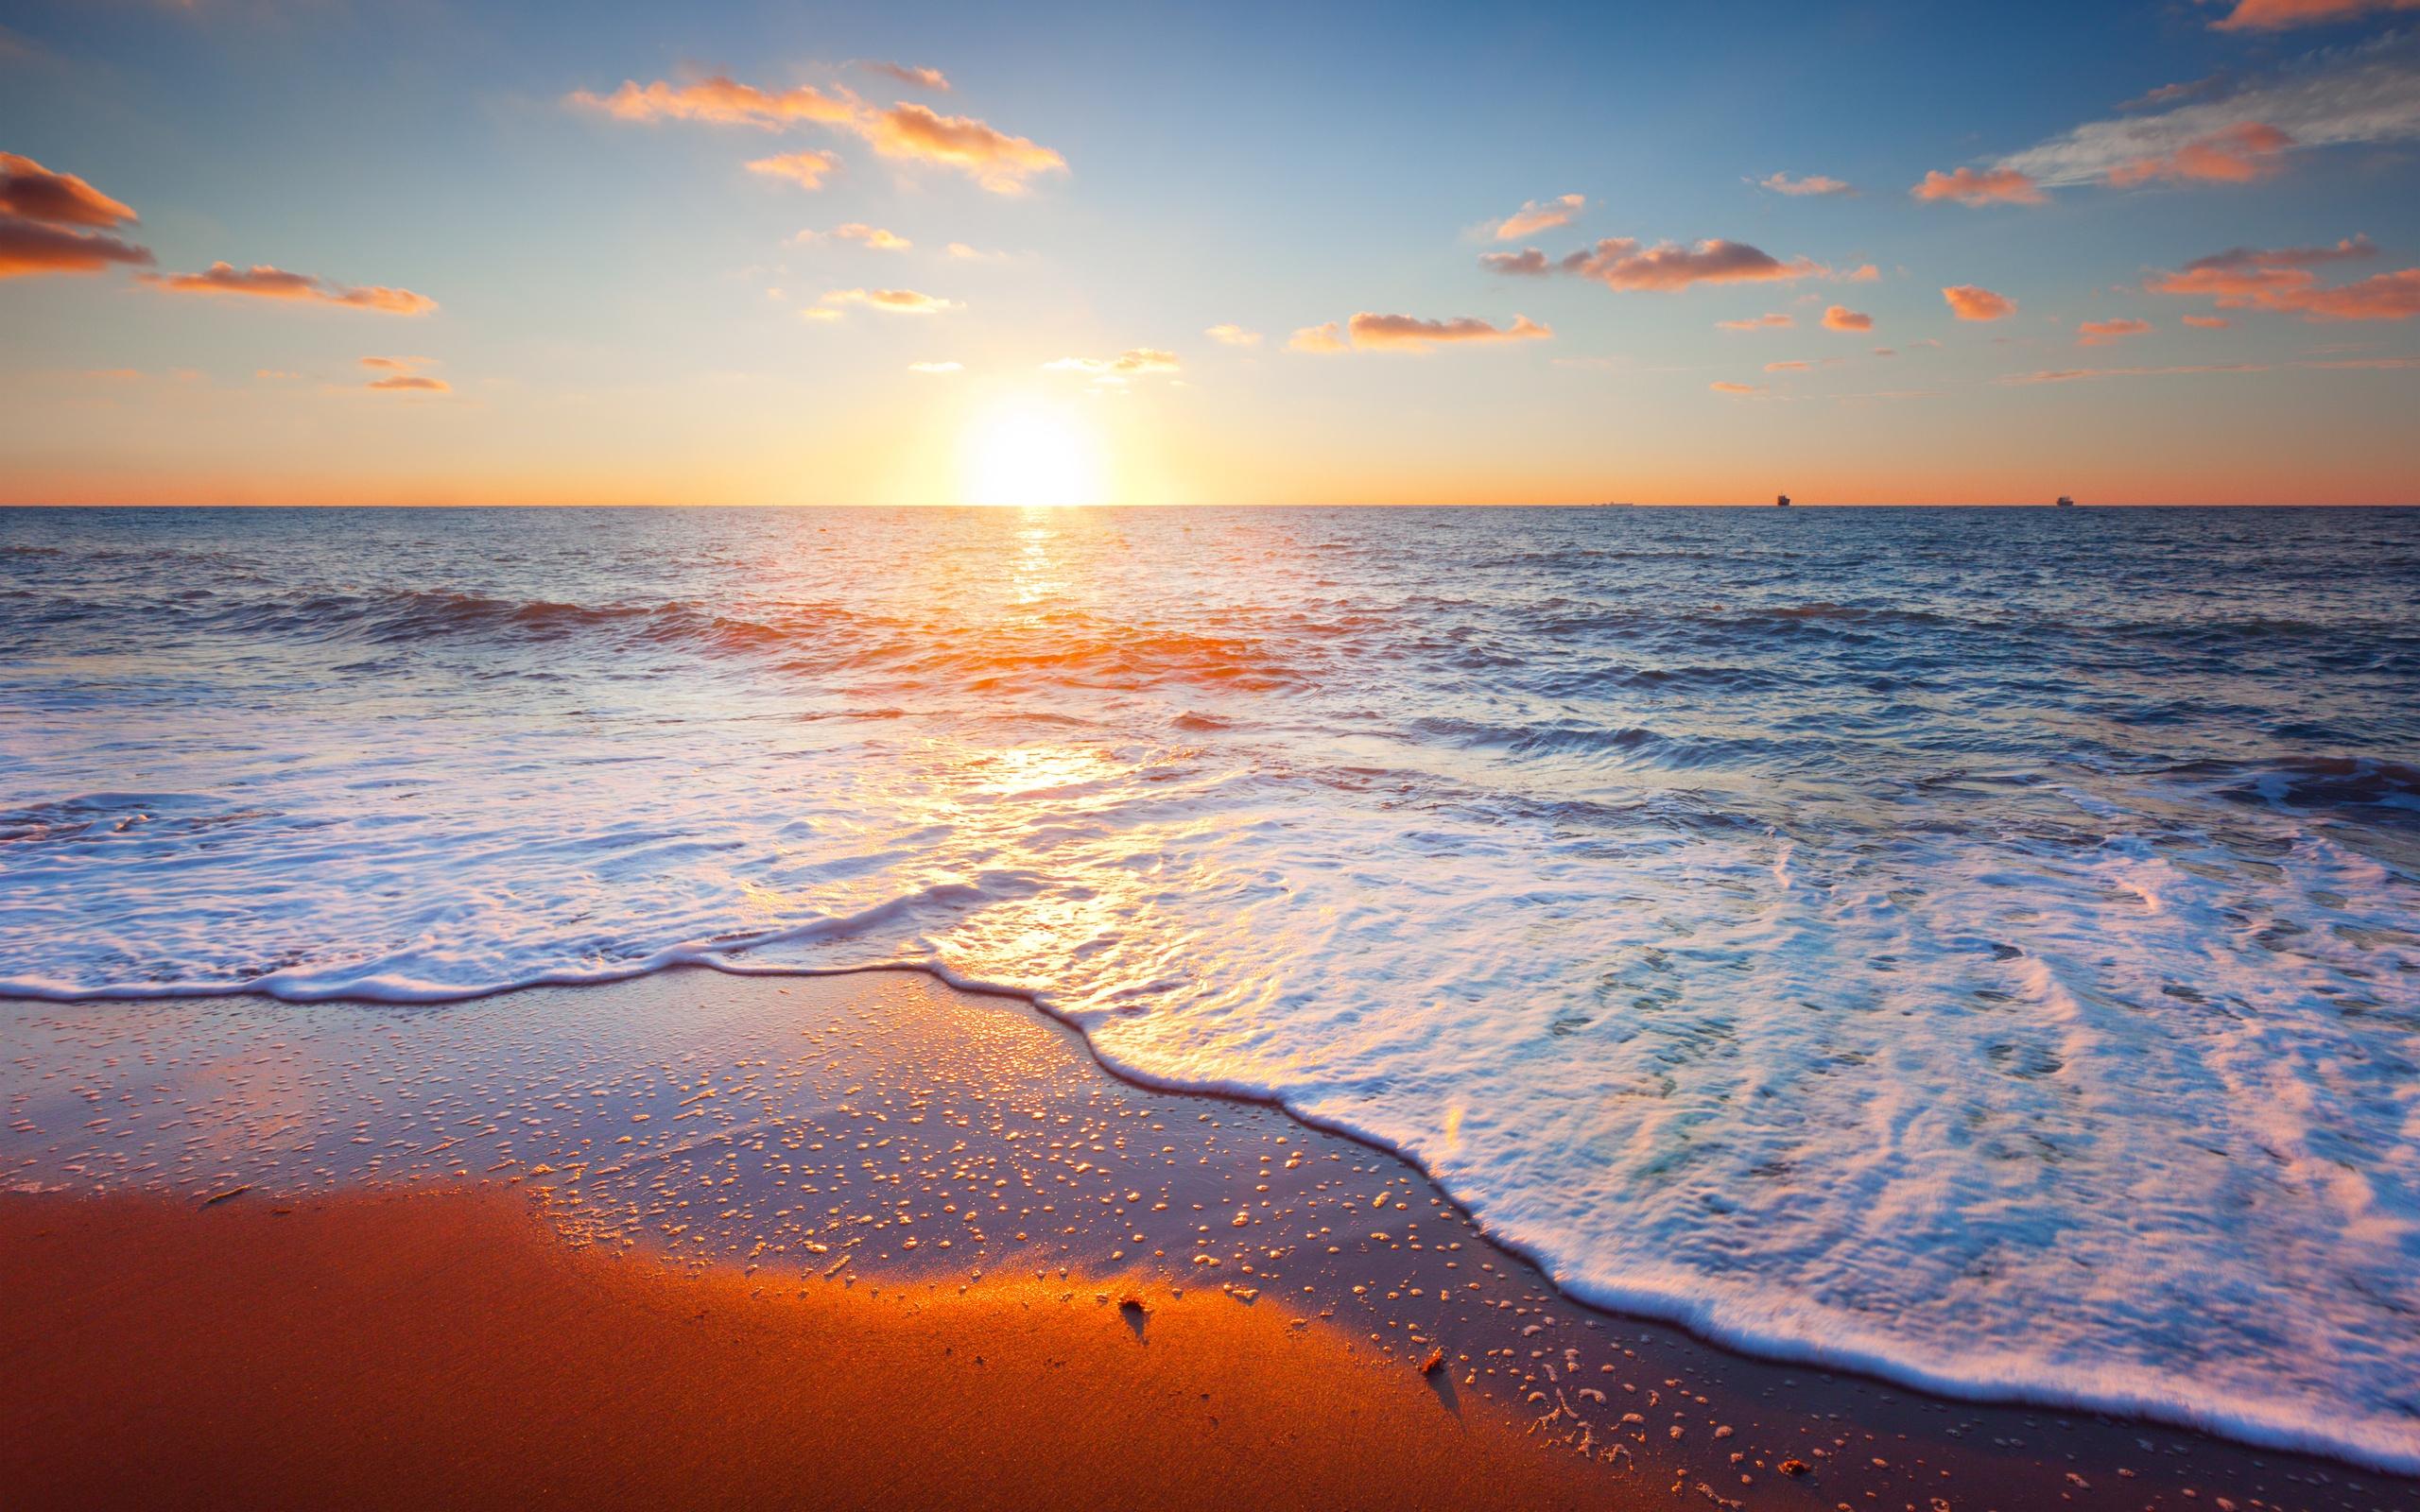 Картинки моря океана на телефон, стихами для друзей